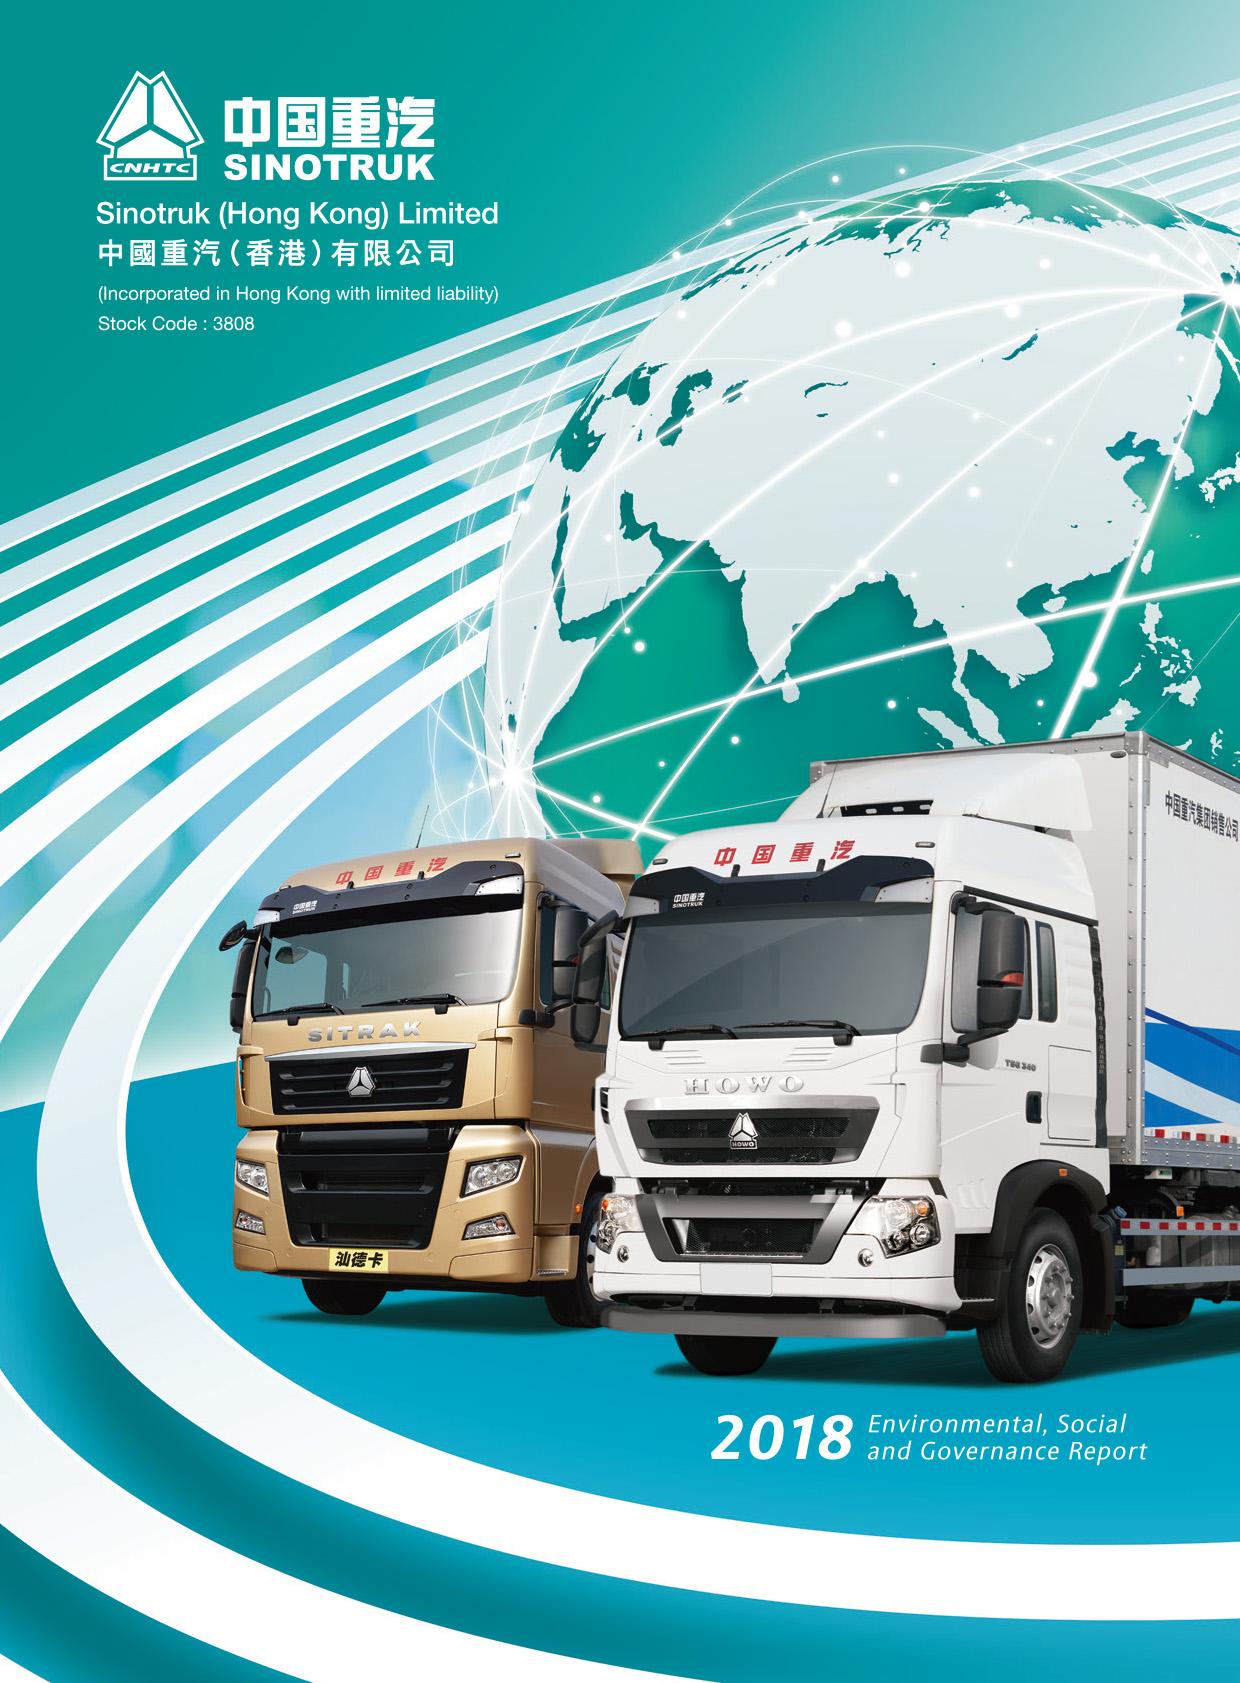 Sinotruk (Hong Kong) Limited ESG